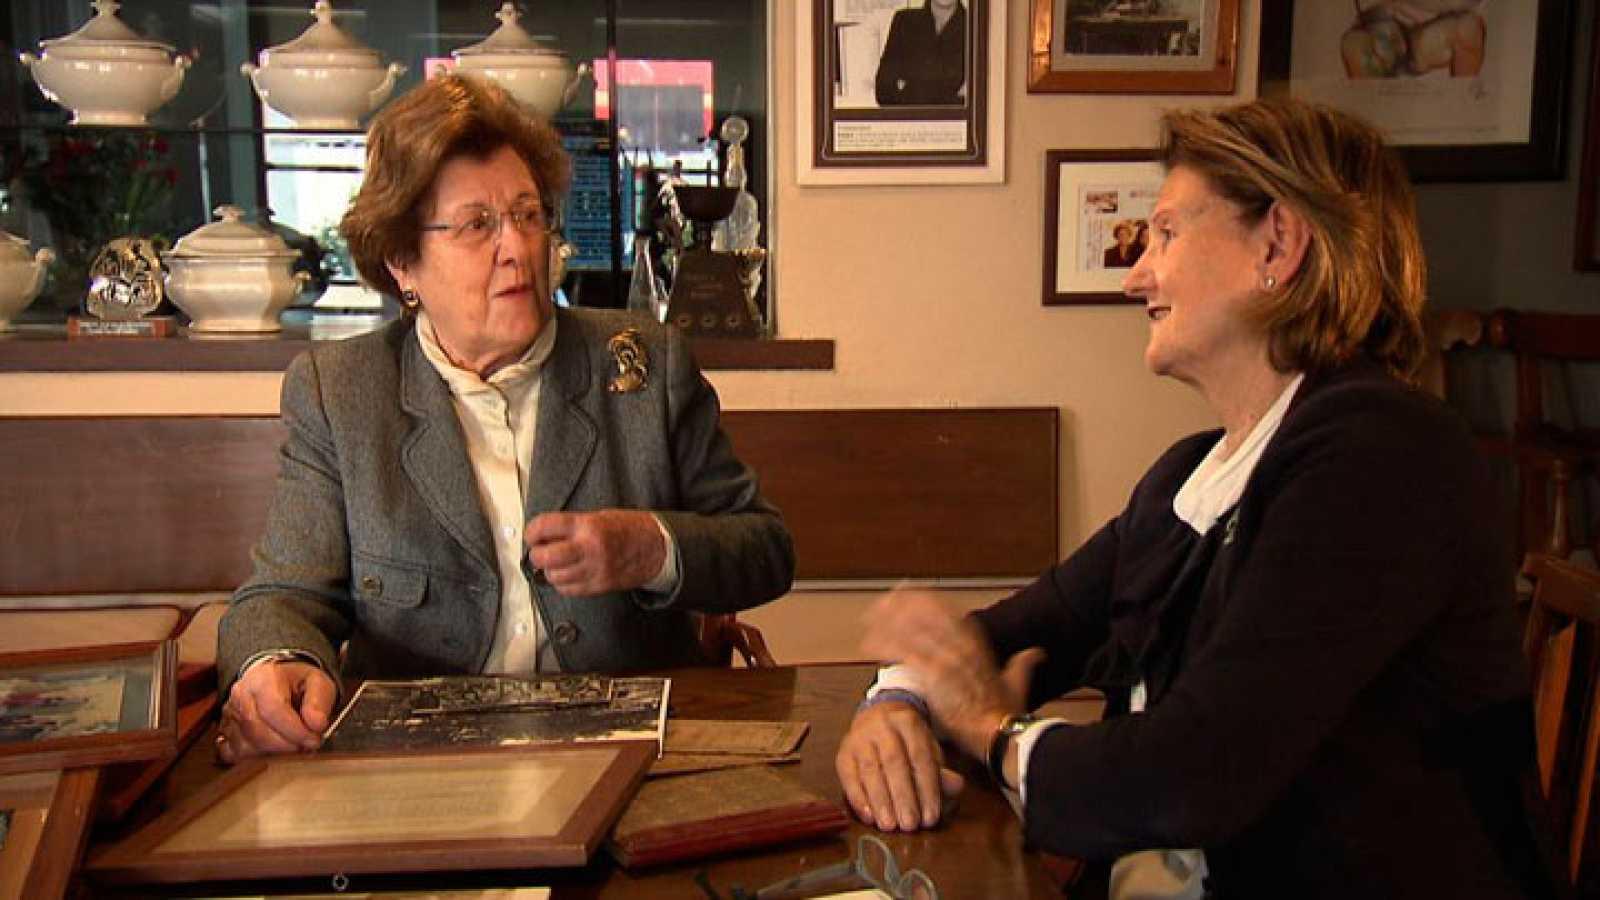 Històries de taula i llit - Restaurant Hispània